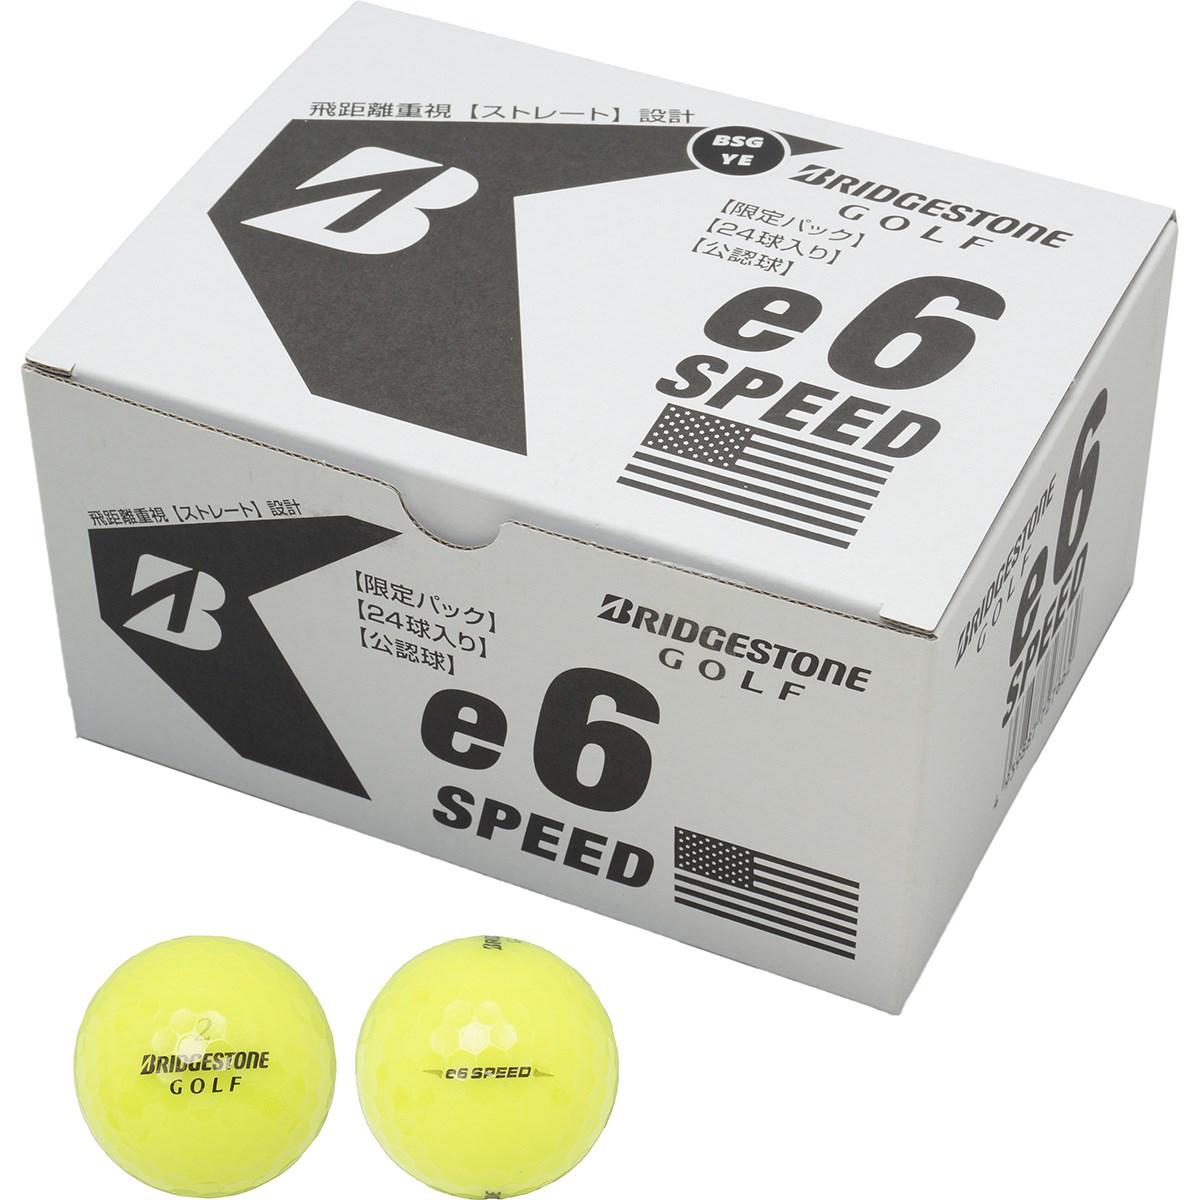 ブリヂストン BRIDGESTONE e6 SPEED ボール 2ダースセット 2ダース(24個入り) イエロー(ロゴ:BSG)